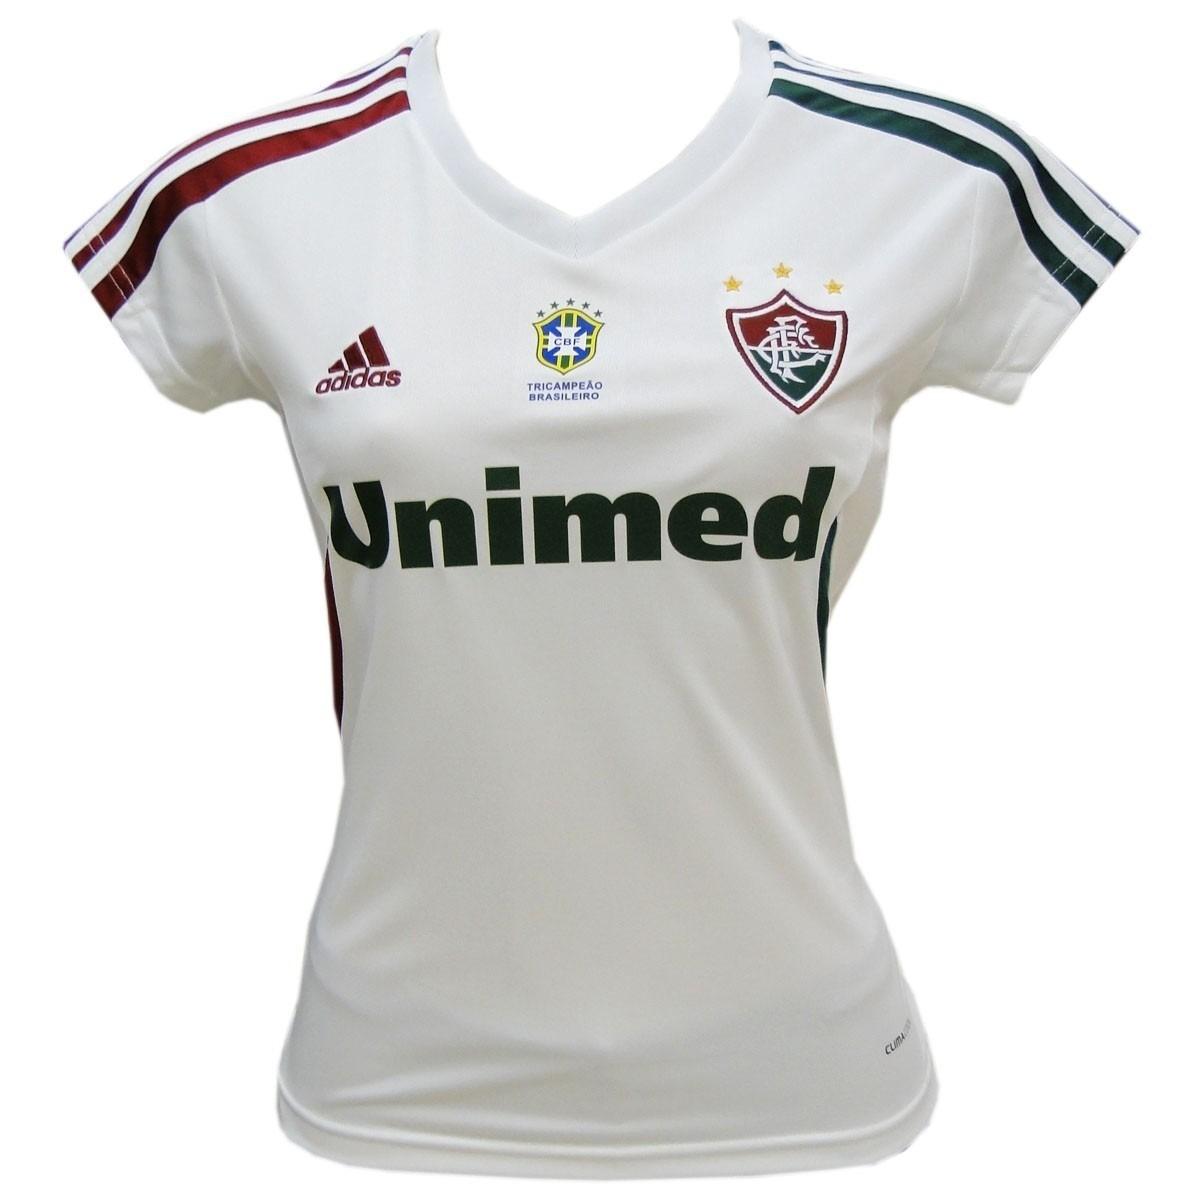 113841c8d7db2 Camisa Fluminense Feminina Tricampeão Brasil 2013 - R  89